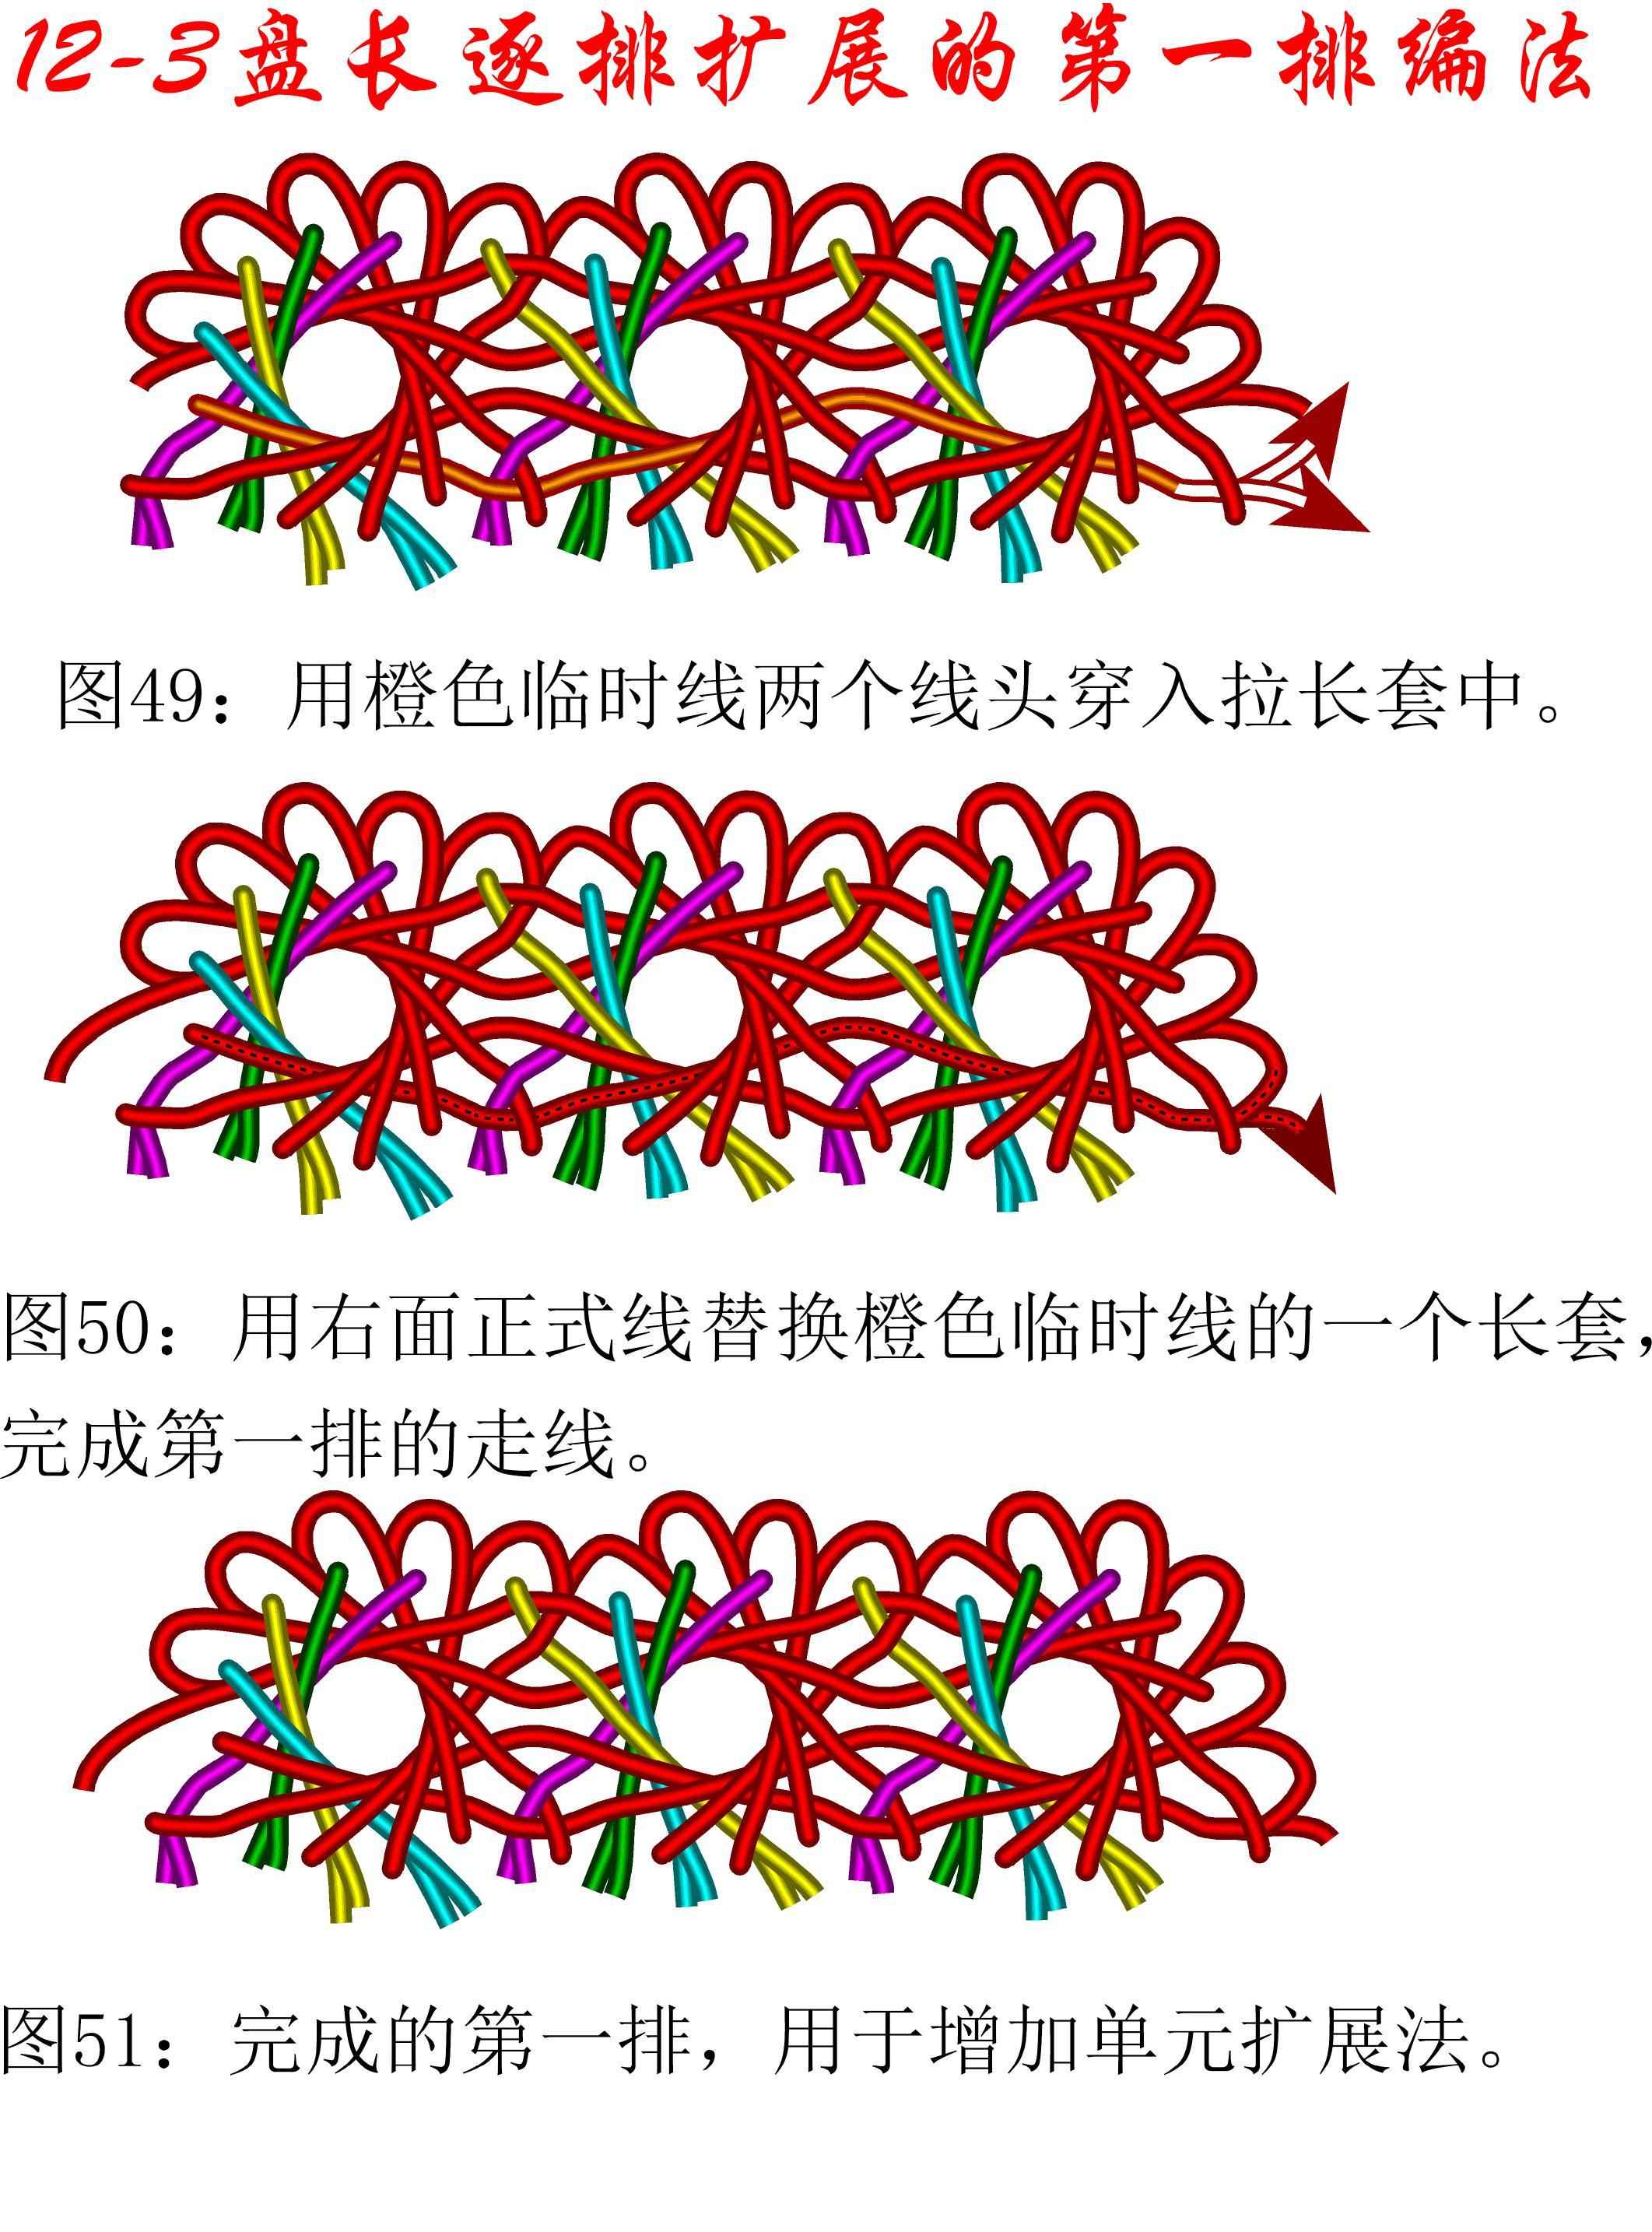 中国结论坛 12-3排扩展法第一排的基盘长编法教程 教程,共基接法,扩展法定义,定基分析法,扩展编码法 丑丑徒手编结 111316m45c5fk5tf9th2d5